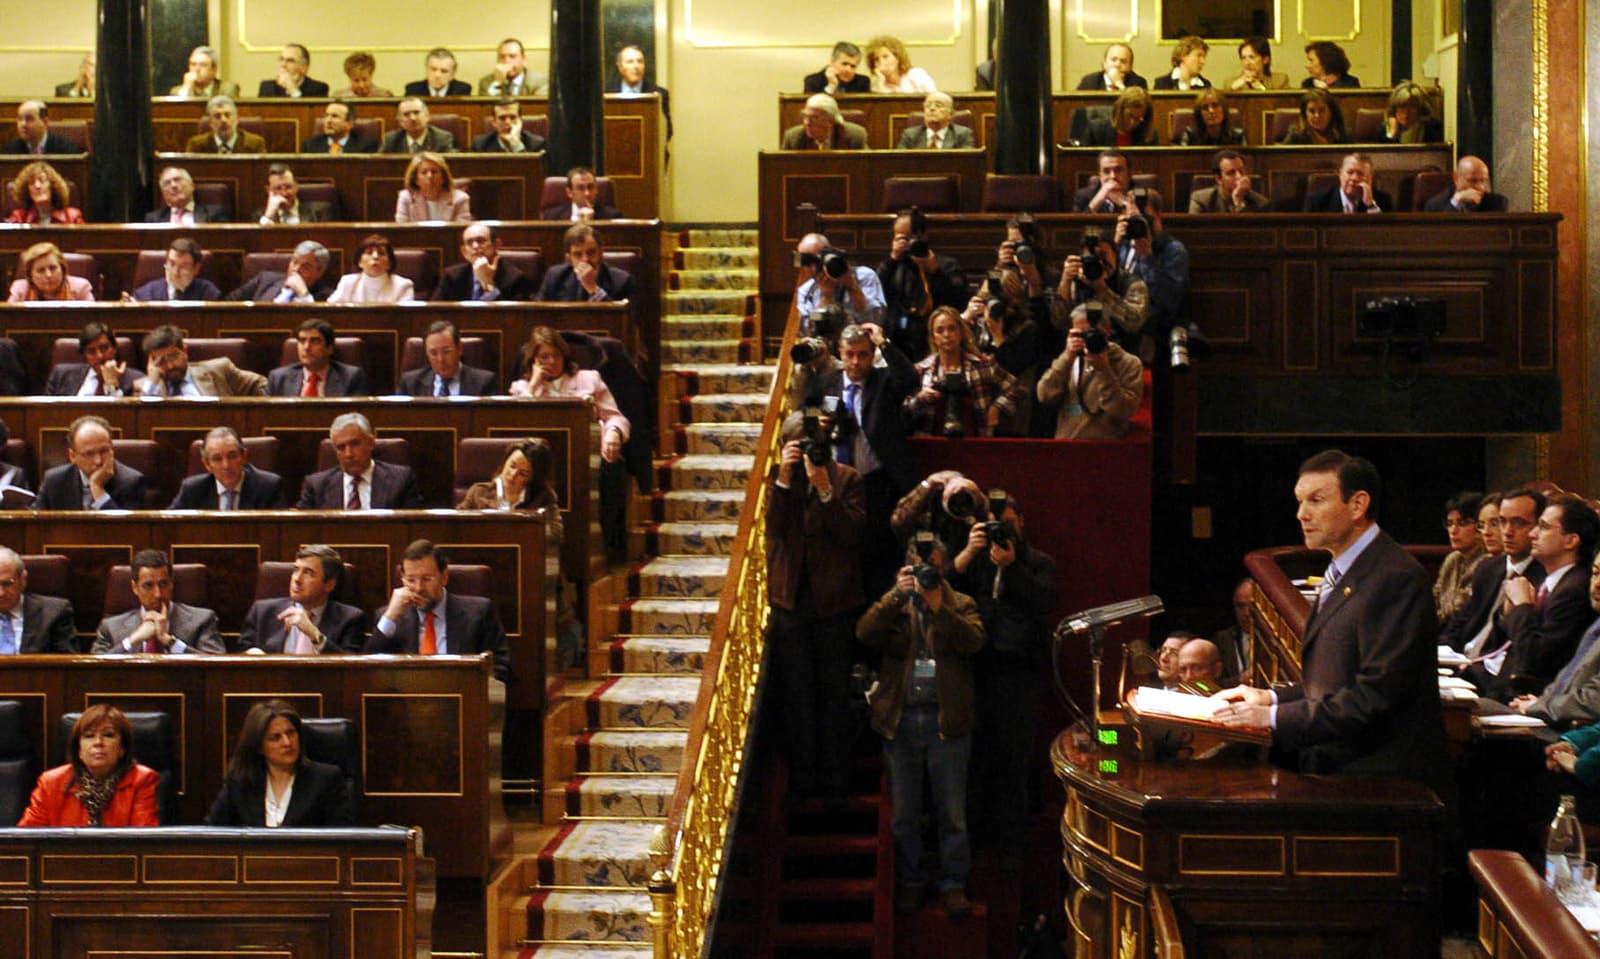 El Lehendakari Juan José Ibarretxe intervenint al Congrés per defensar el Pla Ibarretxe el febrer del 2005. Fotografia de Juanjo Martín. Efe